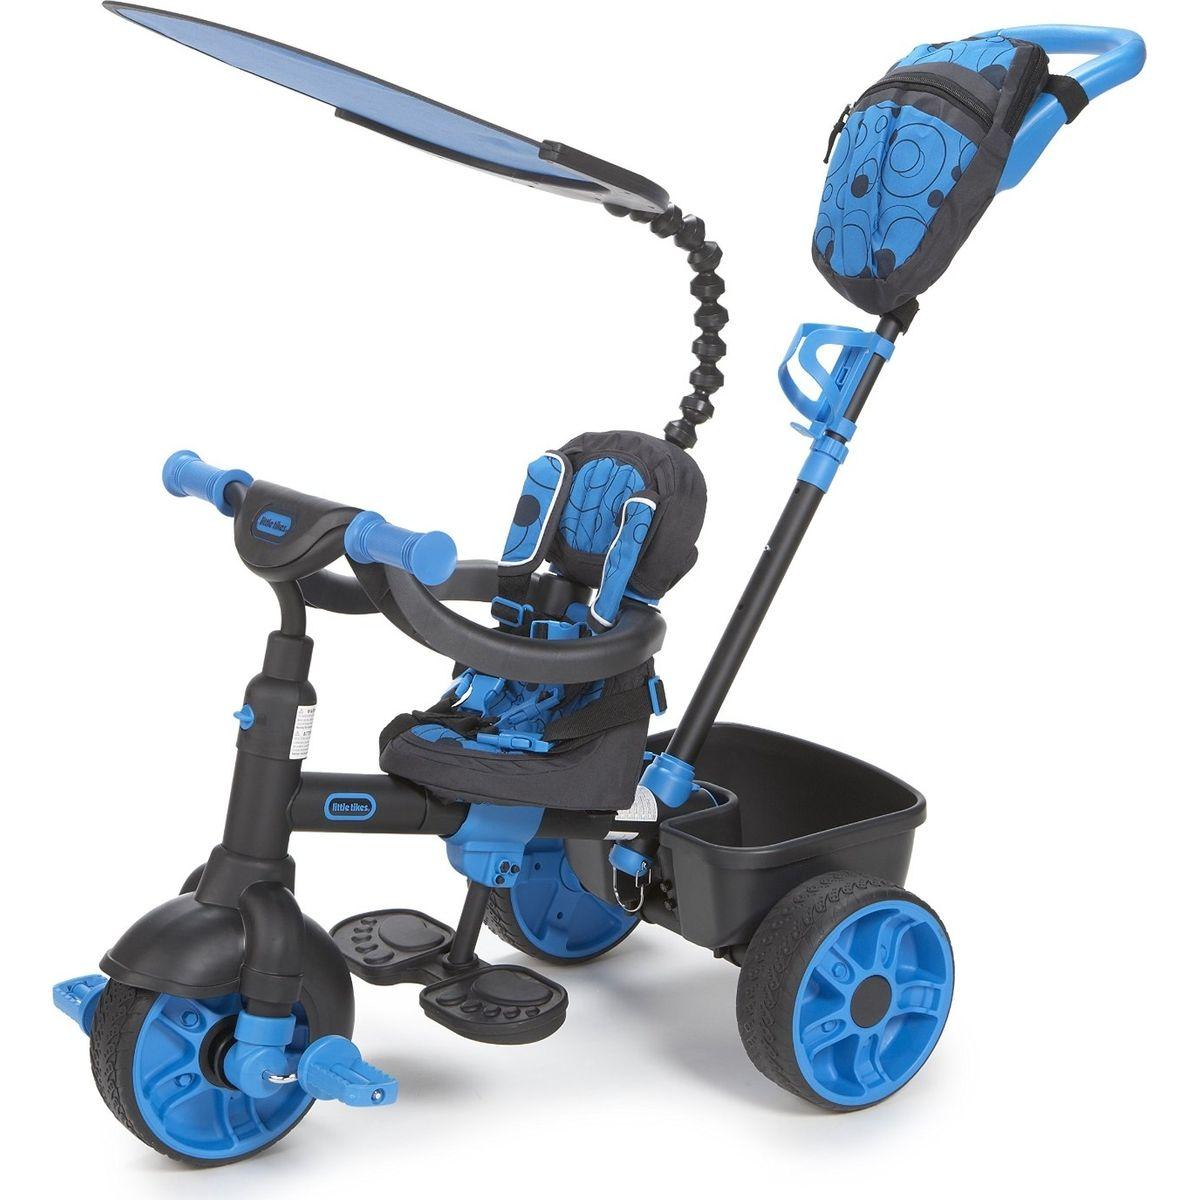 Little Tikes Tříkolka 4v1 Deluxe Neonová modrá - Poškozený obal